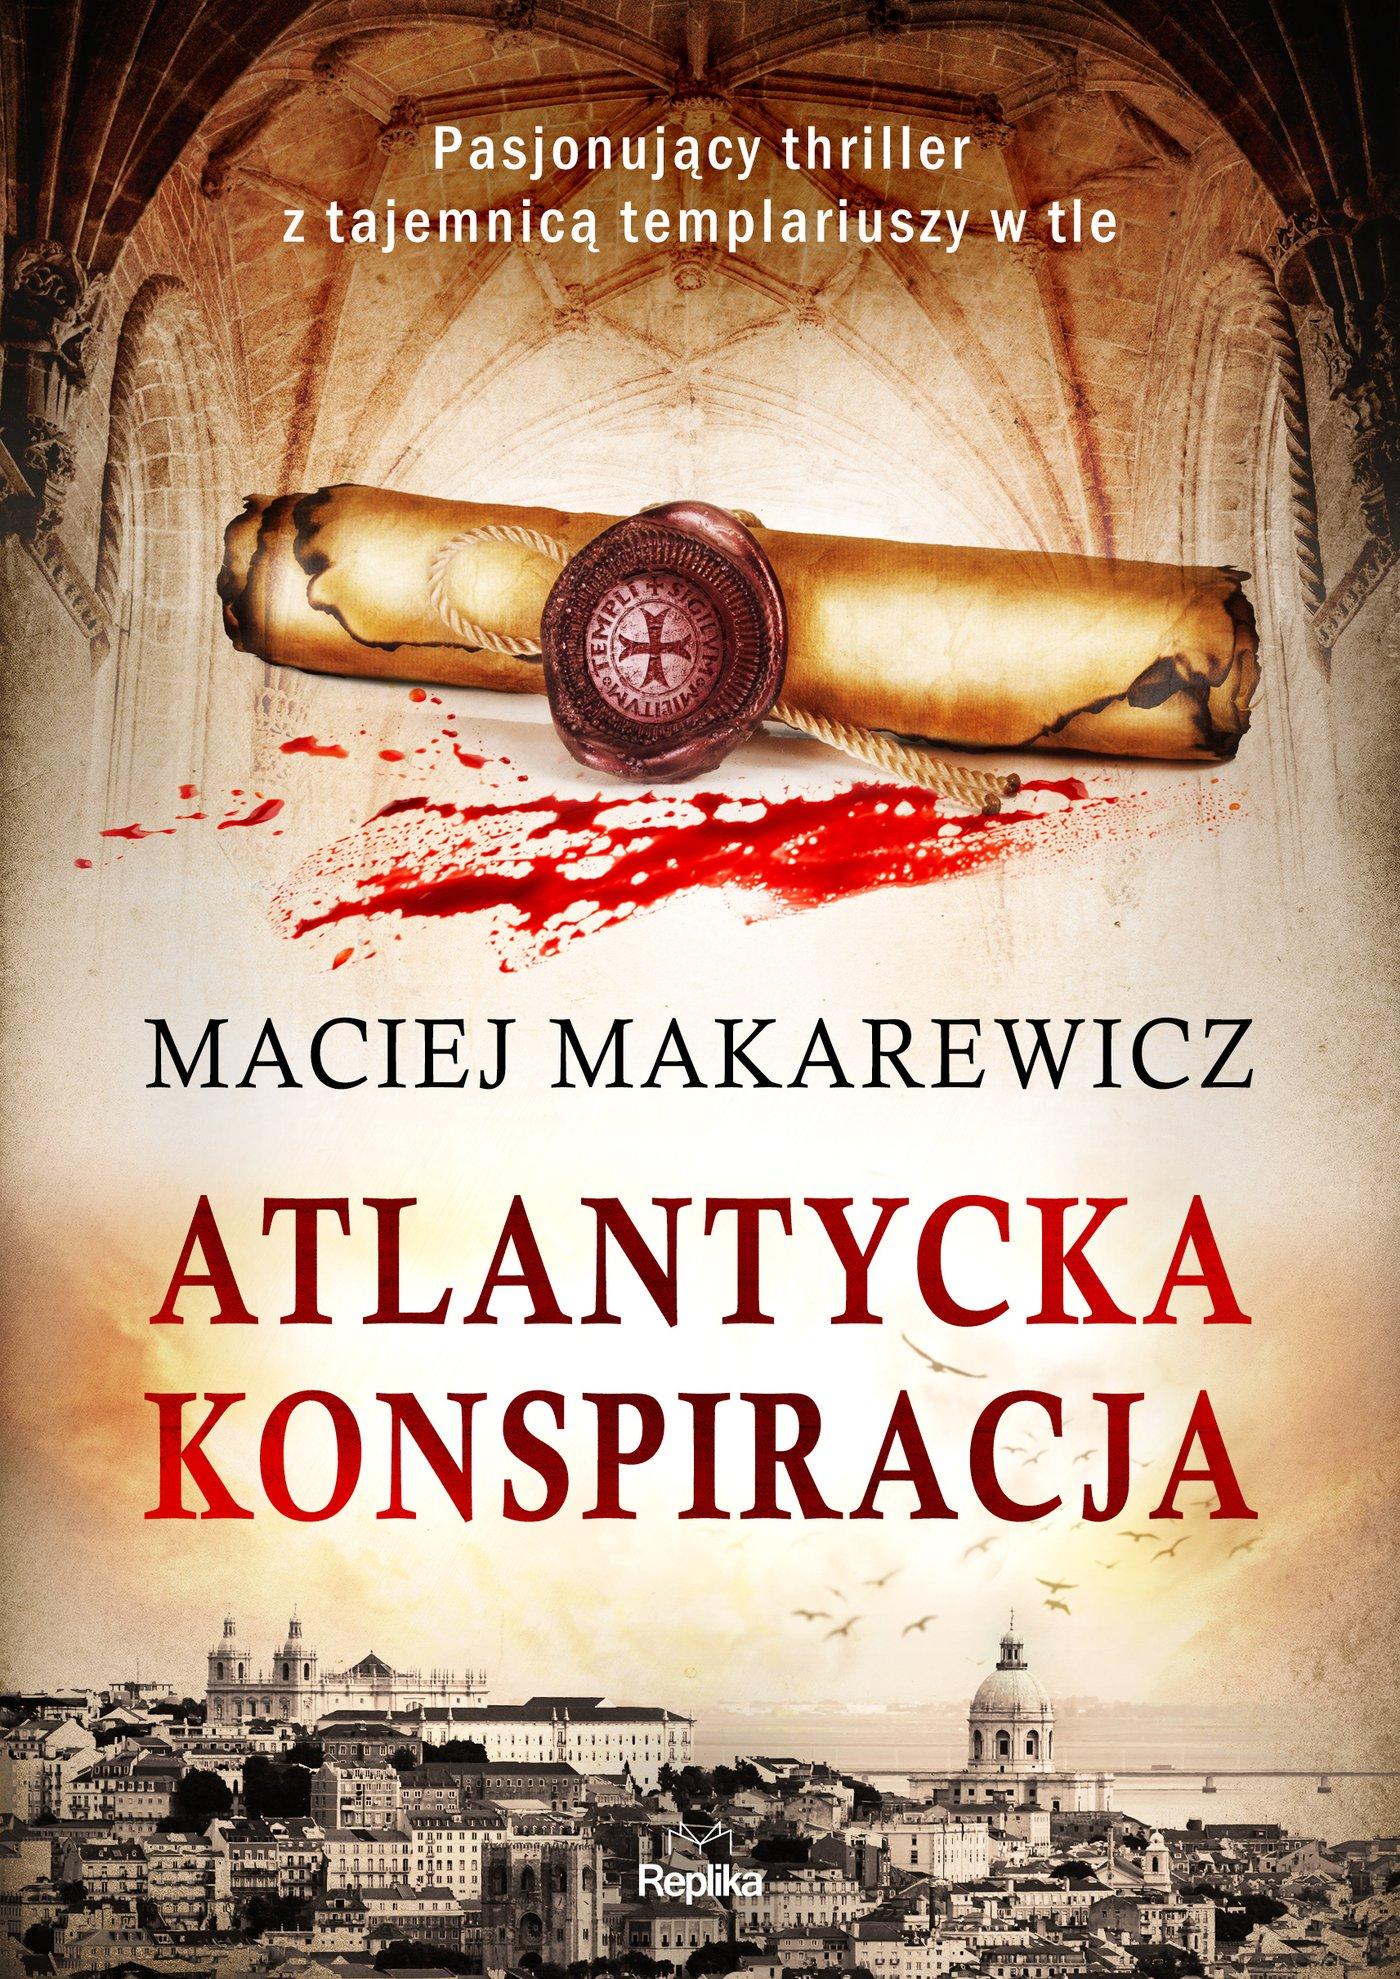 Atlantycka konspiracja - Ebook (Książka na Kindle) do pobrania w formacie MOBI